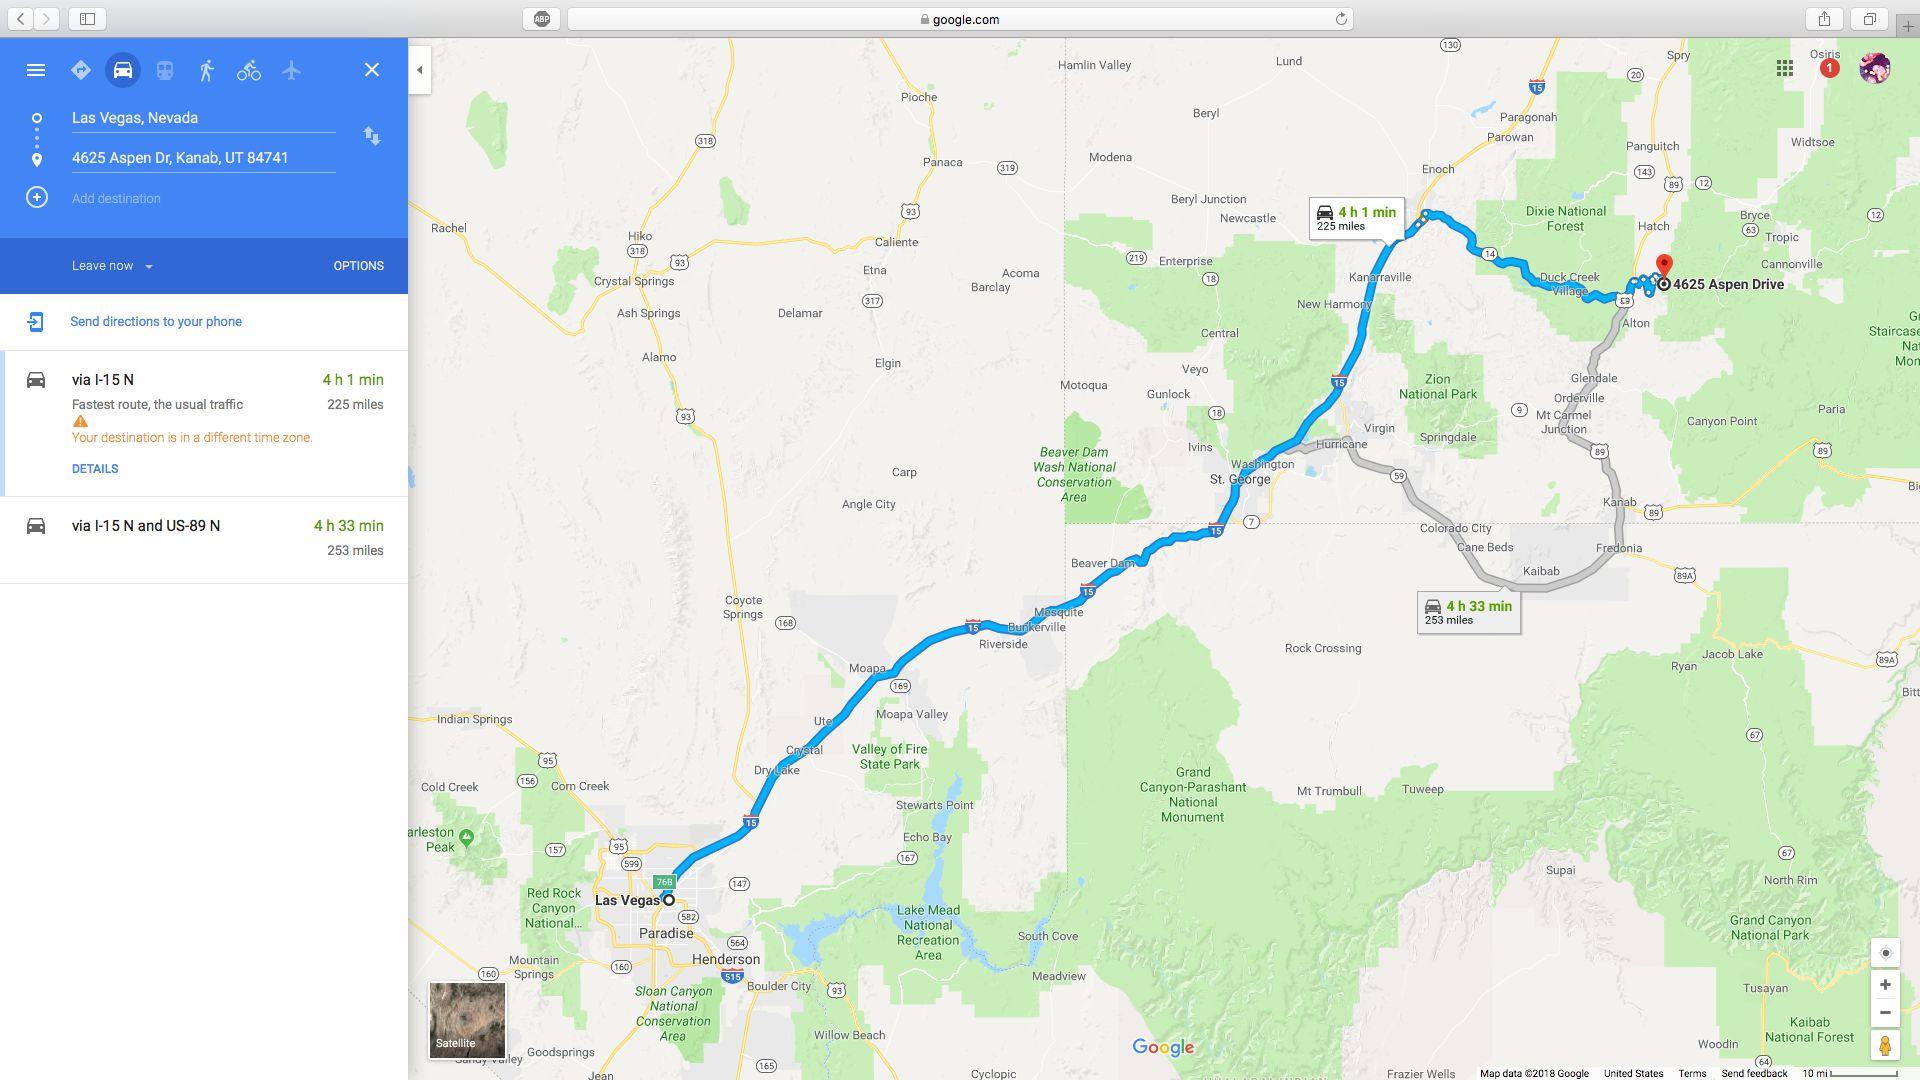 Bonnie Green Dr, Kanab, UT 84741 - 27 Photos | Trulia on 89 scenic byway utah map, hanksville utah map, paria canyon utah map, north logan utah map, sigurd utah map, panguitch map, magnitude earthquake in utah map, benjamin utah map, mesquite nevada map, utah state map, pink cliffs utah map, silver reef utah map, south rim utah map, minersville reservoir utah map, arizona utah map, brianhead utah map, kane county utah map, spring ridge map, scenic highway 12 utah map, dead horse point utah map,